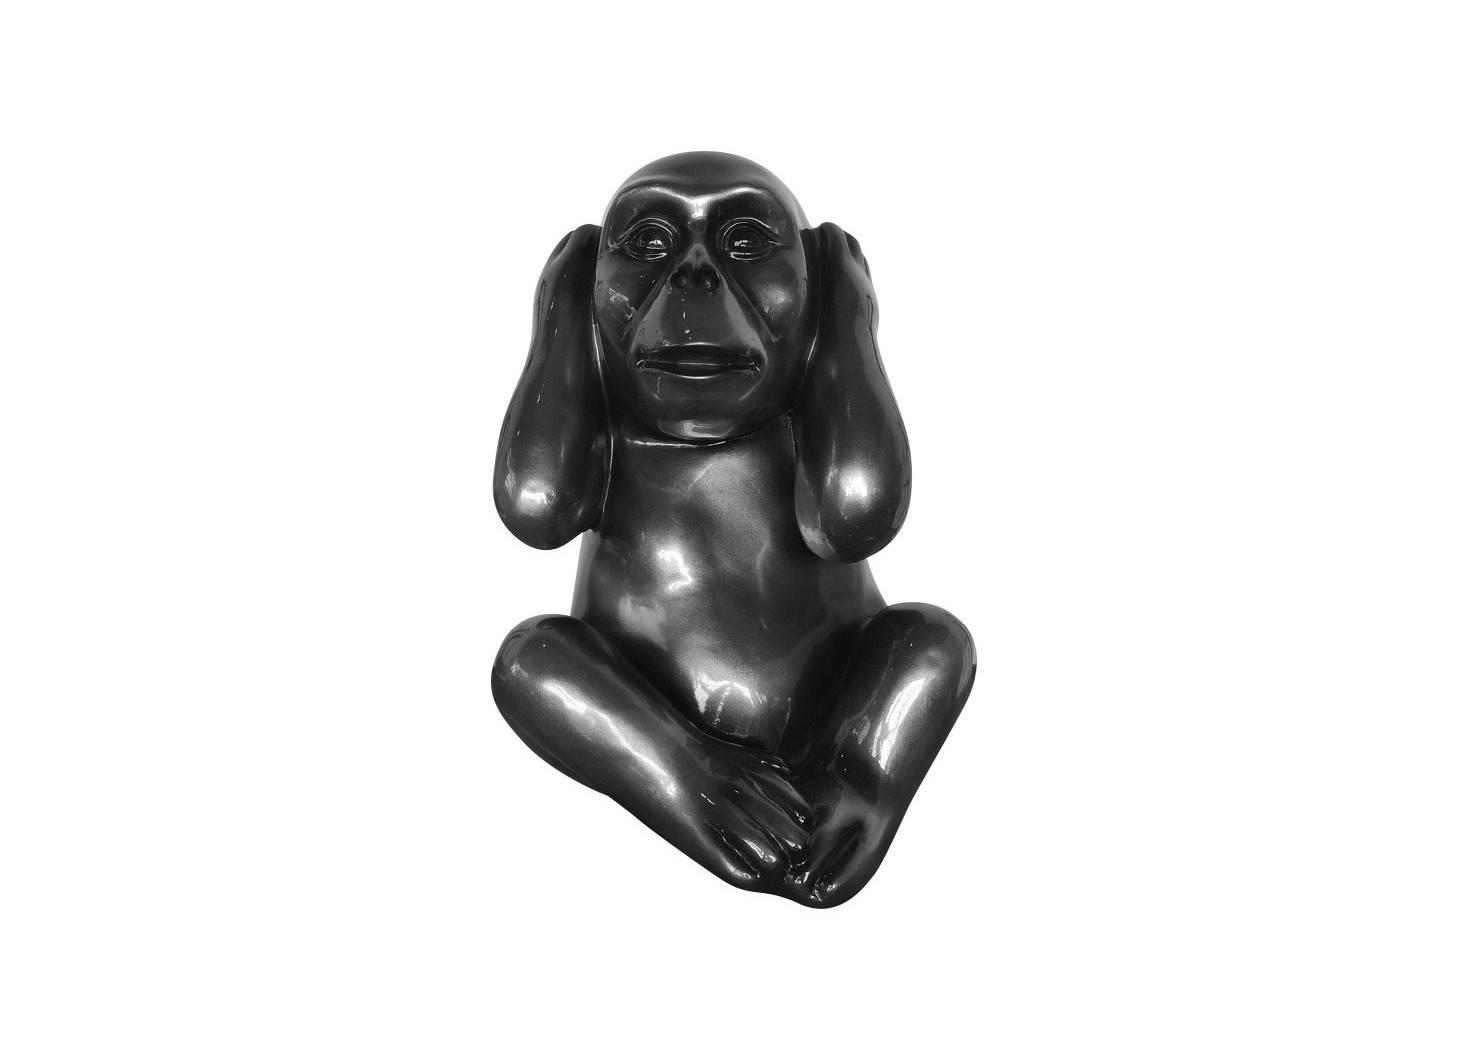 Wise monkey statue